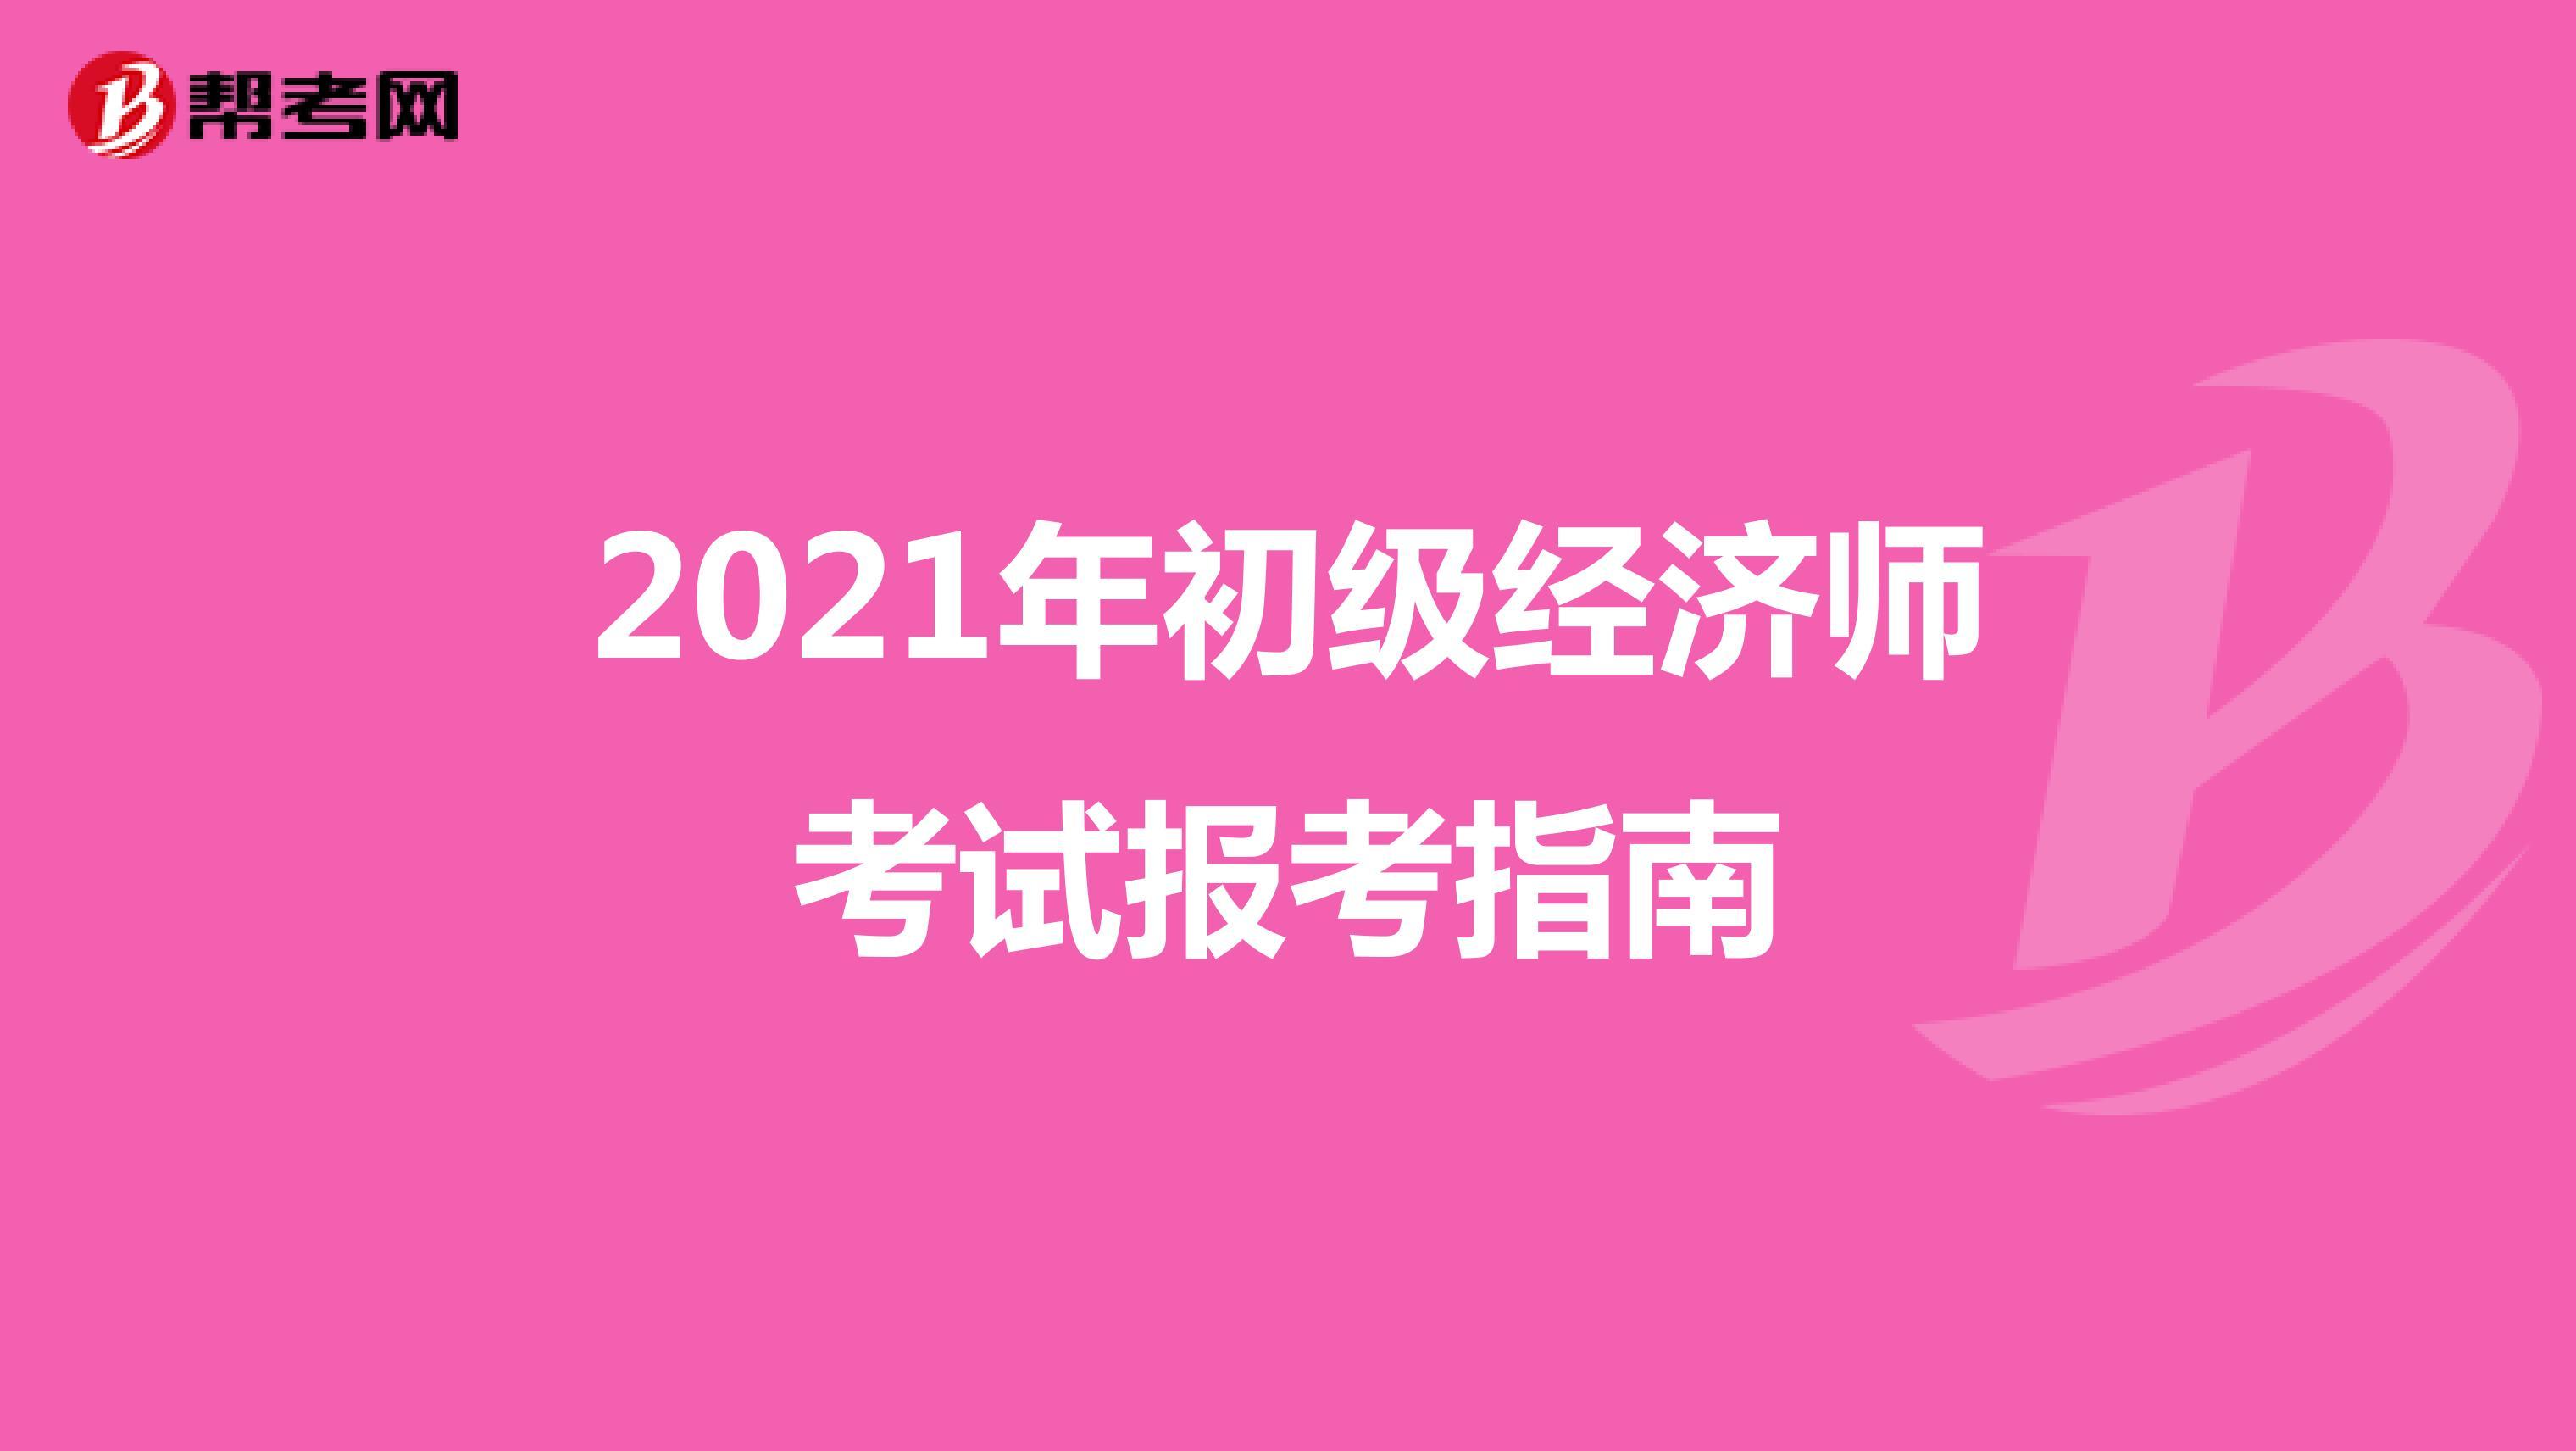 2021年初级经济师考试报考指南